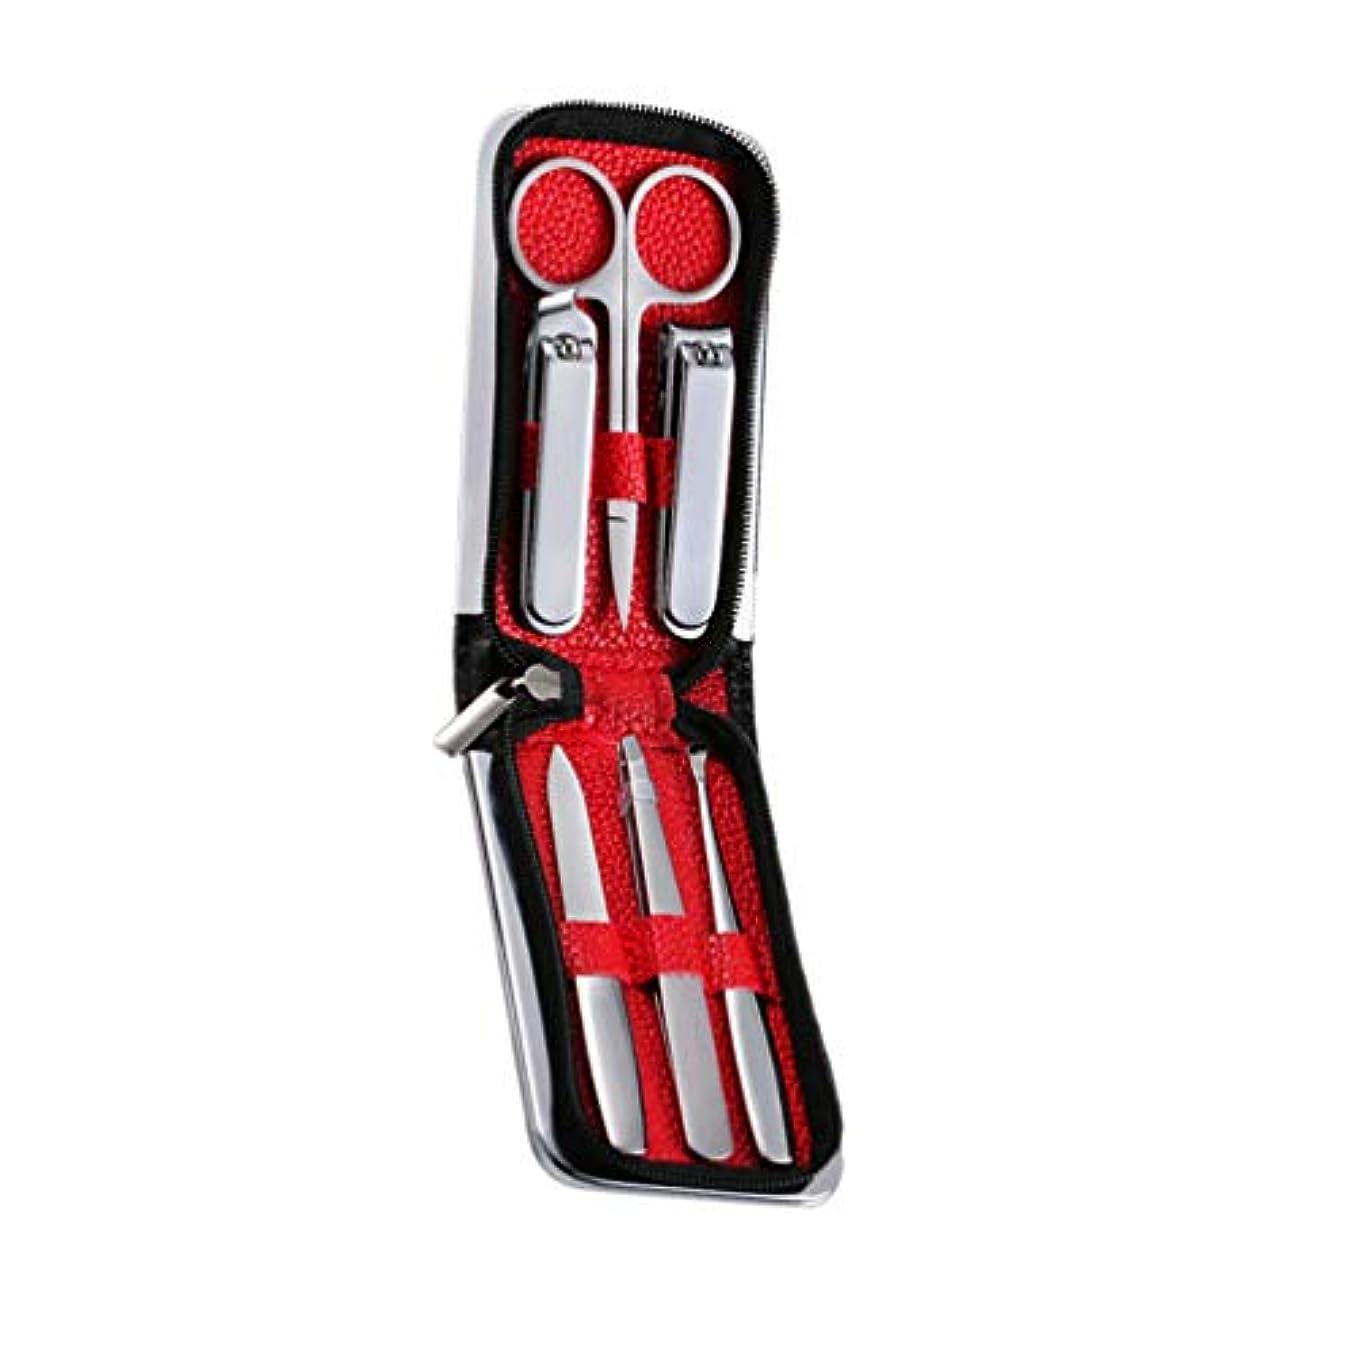 犠牲利用可能童謡Heallily 爪切り、男性の女性のためのケースステンレス鋼の爪カッタートリマーマニキュアツールキットとセット爪切りマニキュアツールの1セットは、屋外旅行(黒)